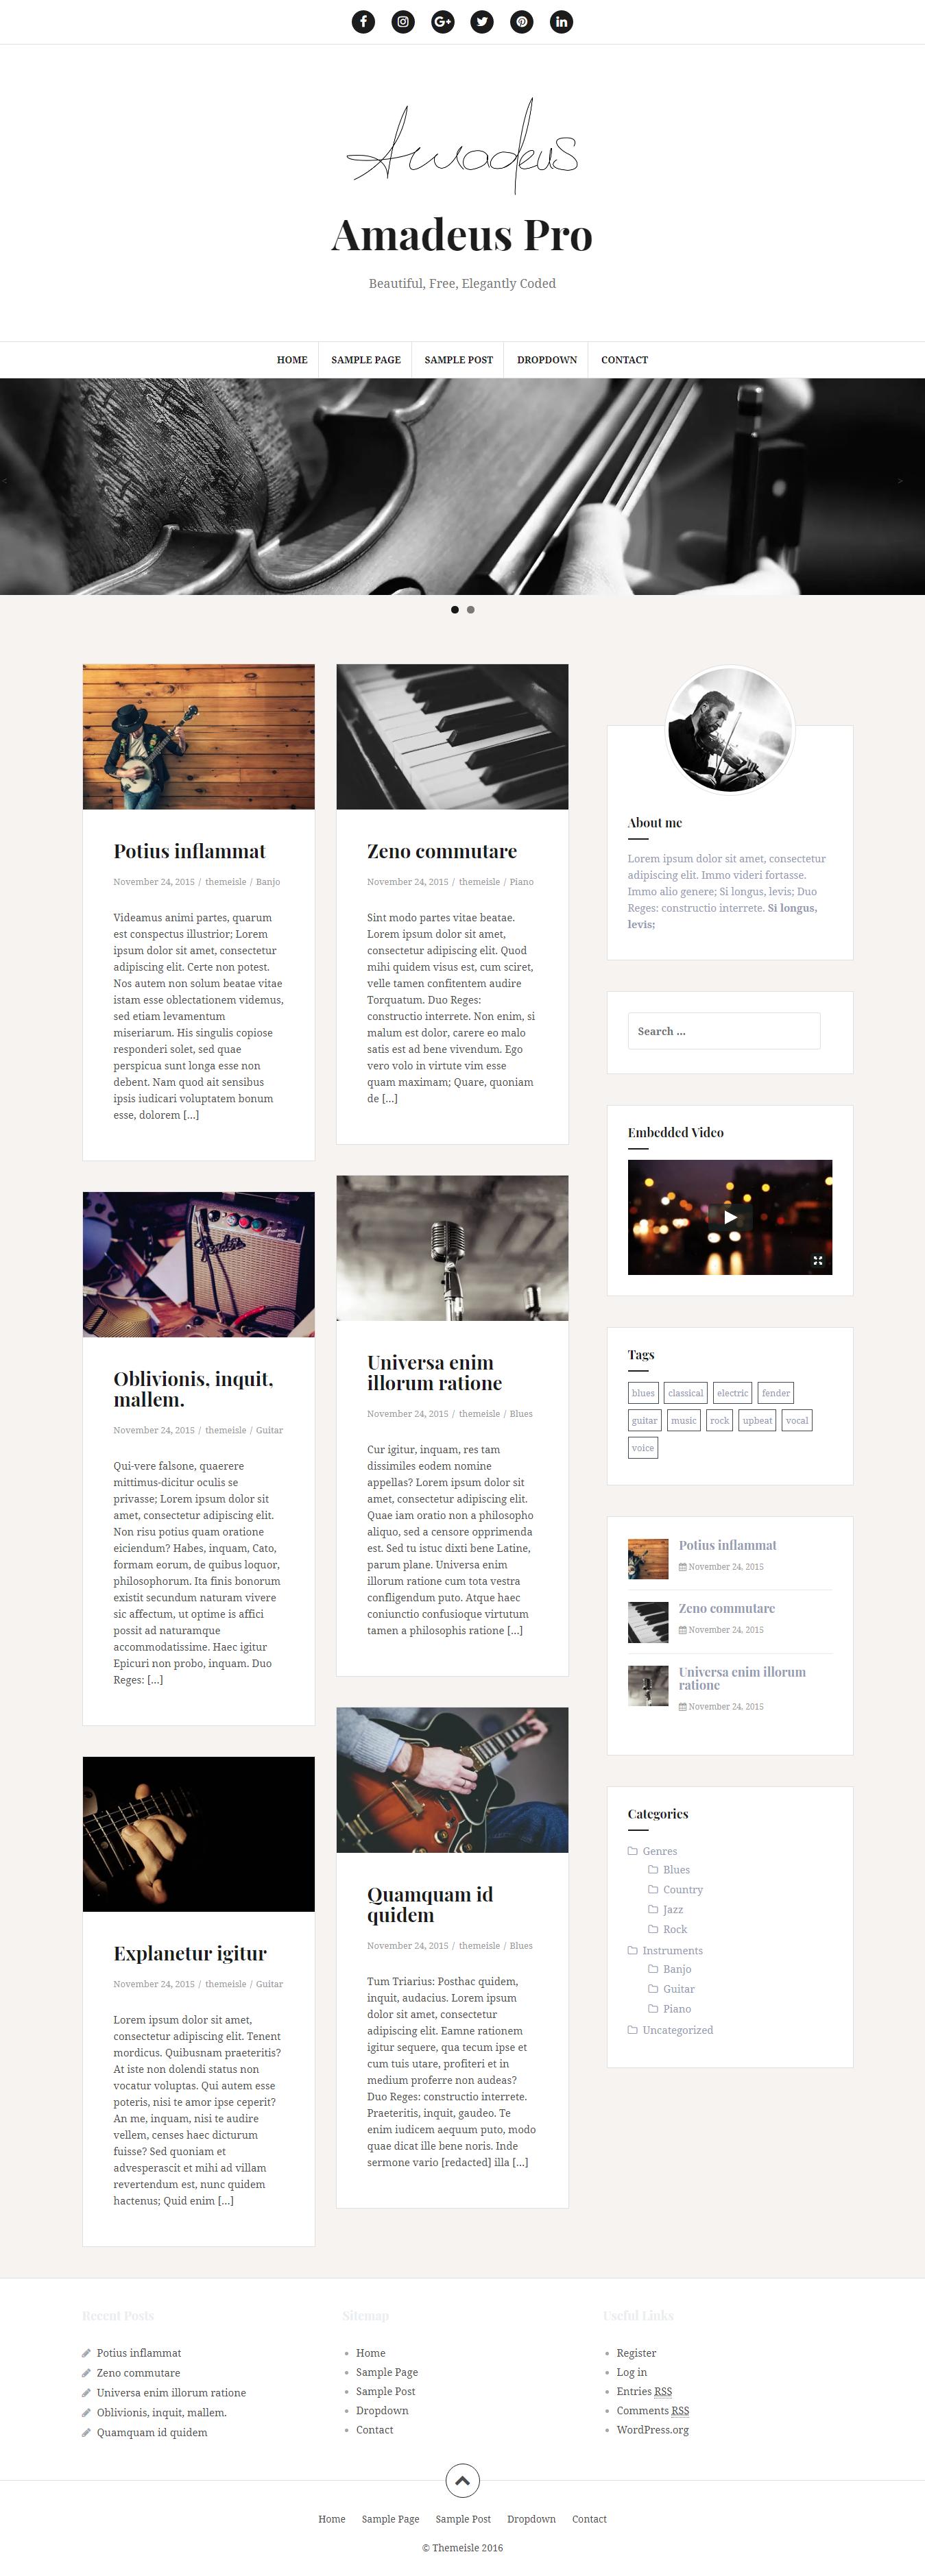 Amadeus Pro - Best Premium Responsive WordPress Themes